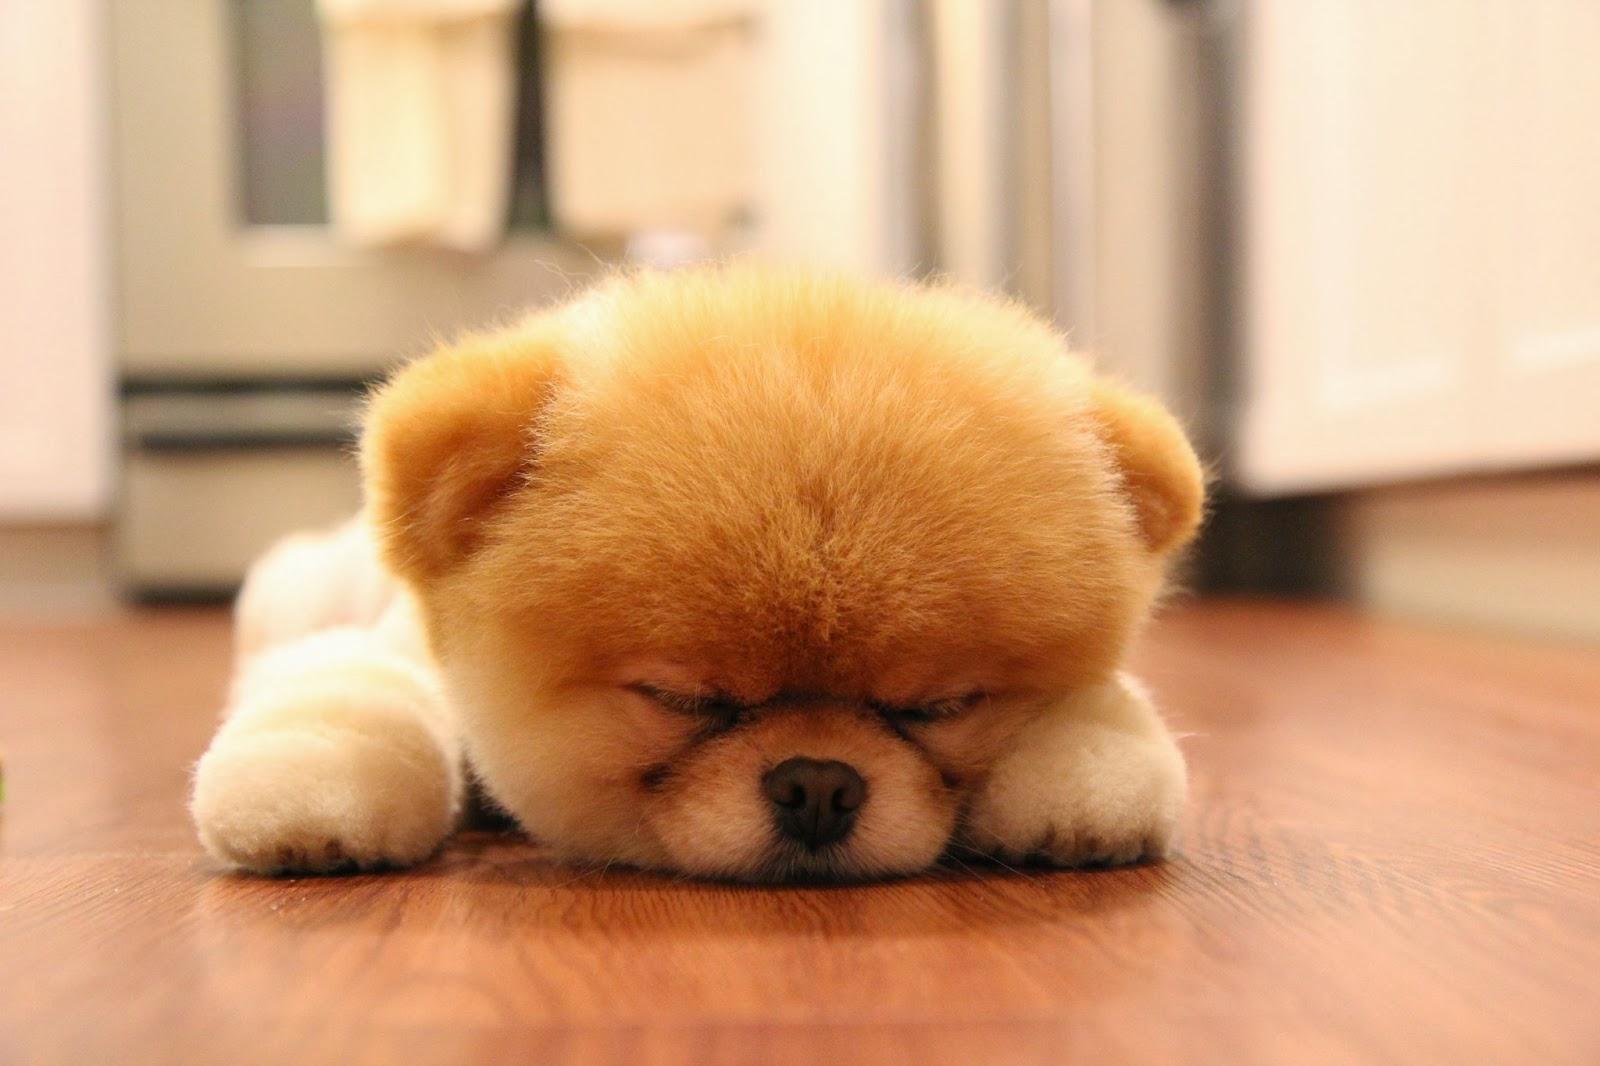 Sleeping Puppies Wallpapers Free HD Desktop Download